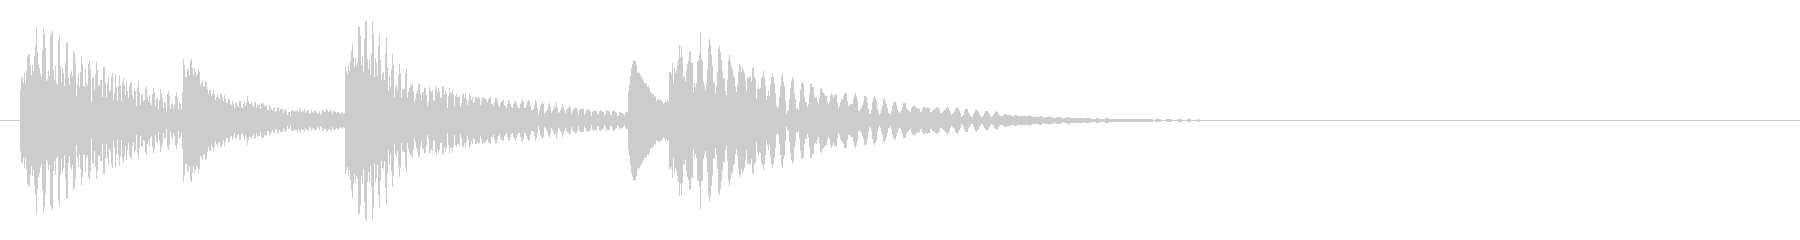 木琴 可愛い 優しい 日常 ジングル の未再生の波形